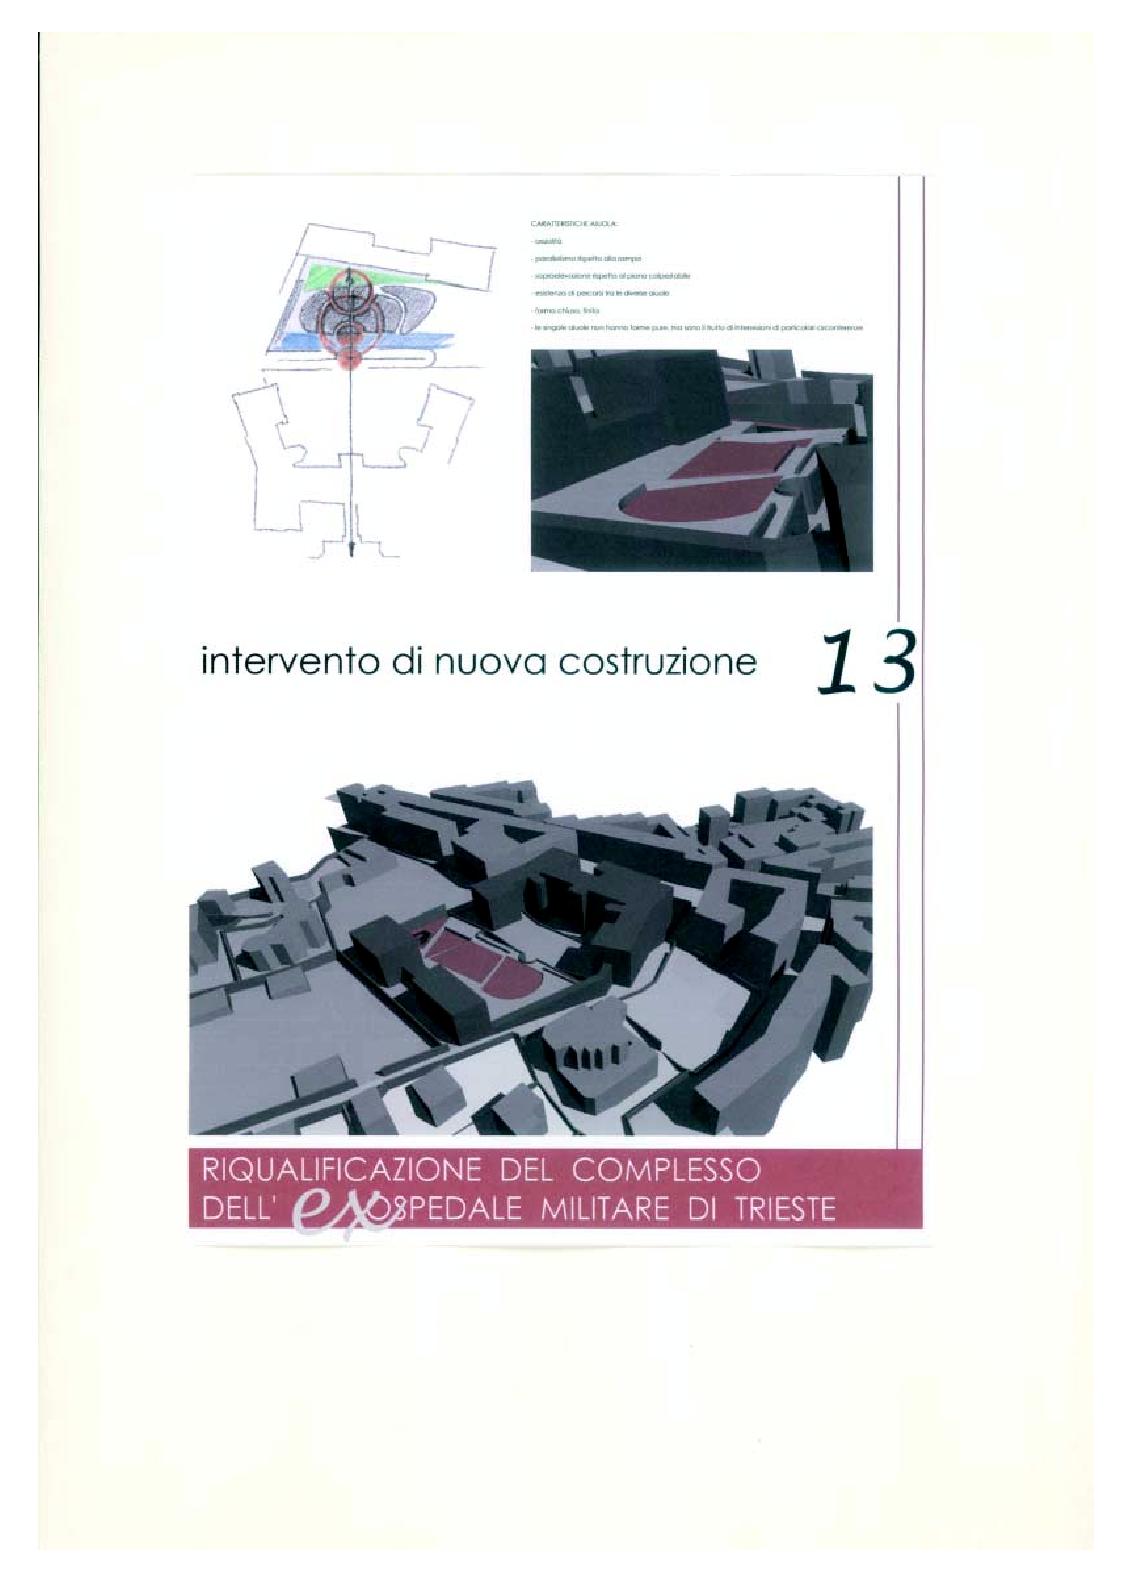 Anteprima della tesi: Riqualificazione del complesso dell'ex ospedale militare di Trieste, Pagina 5